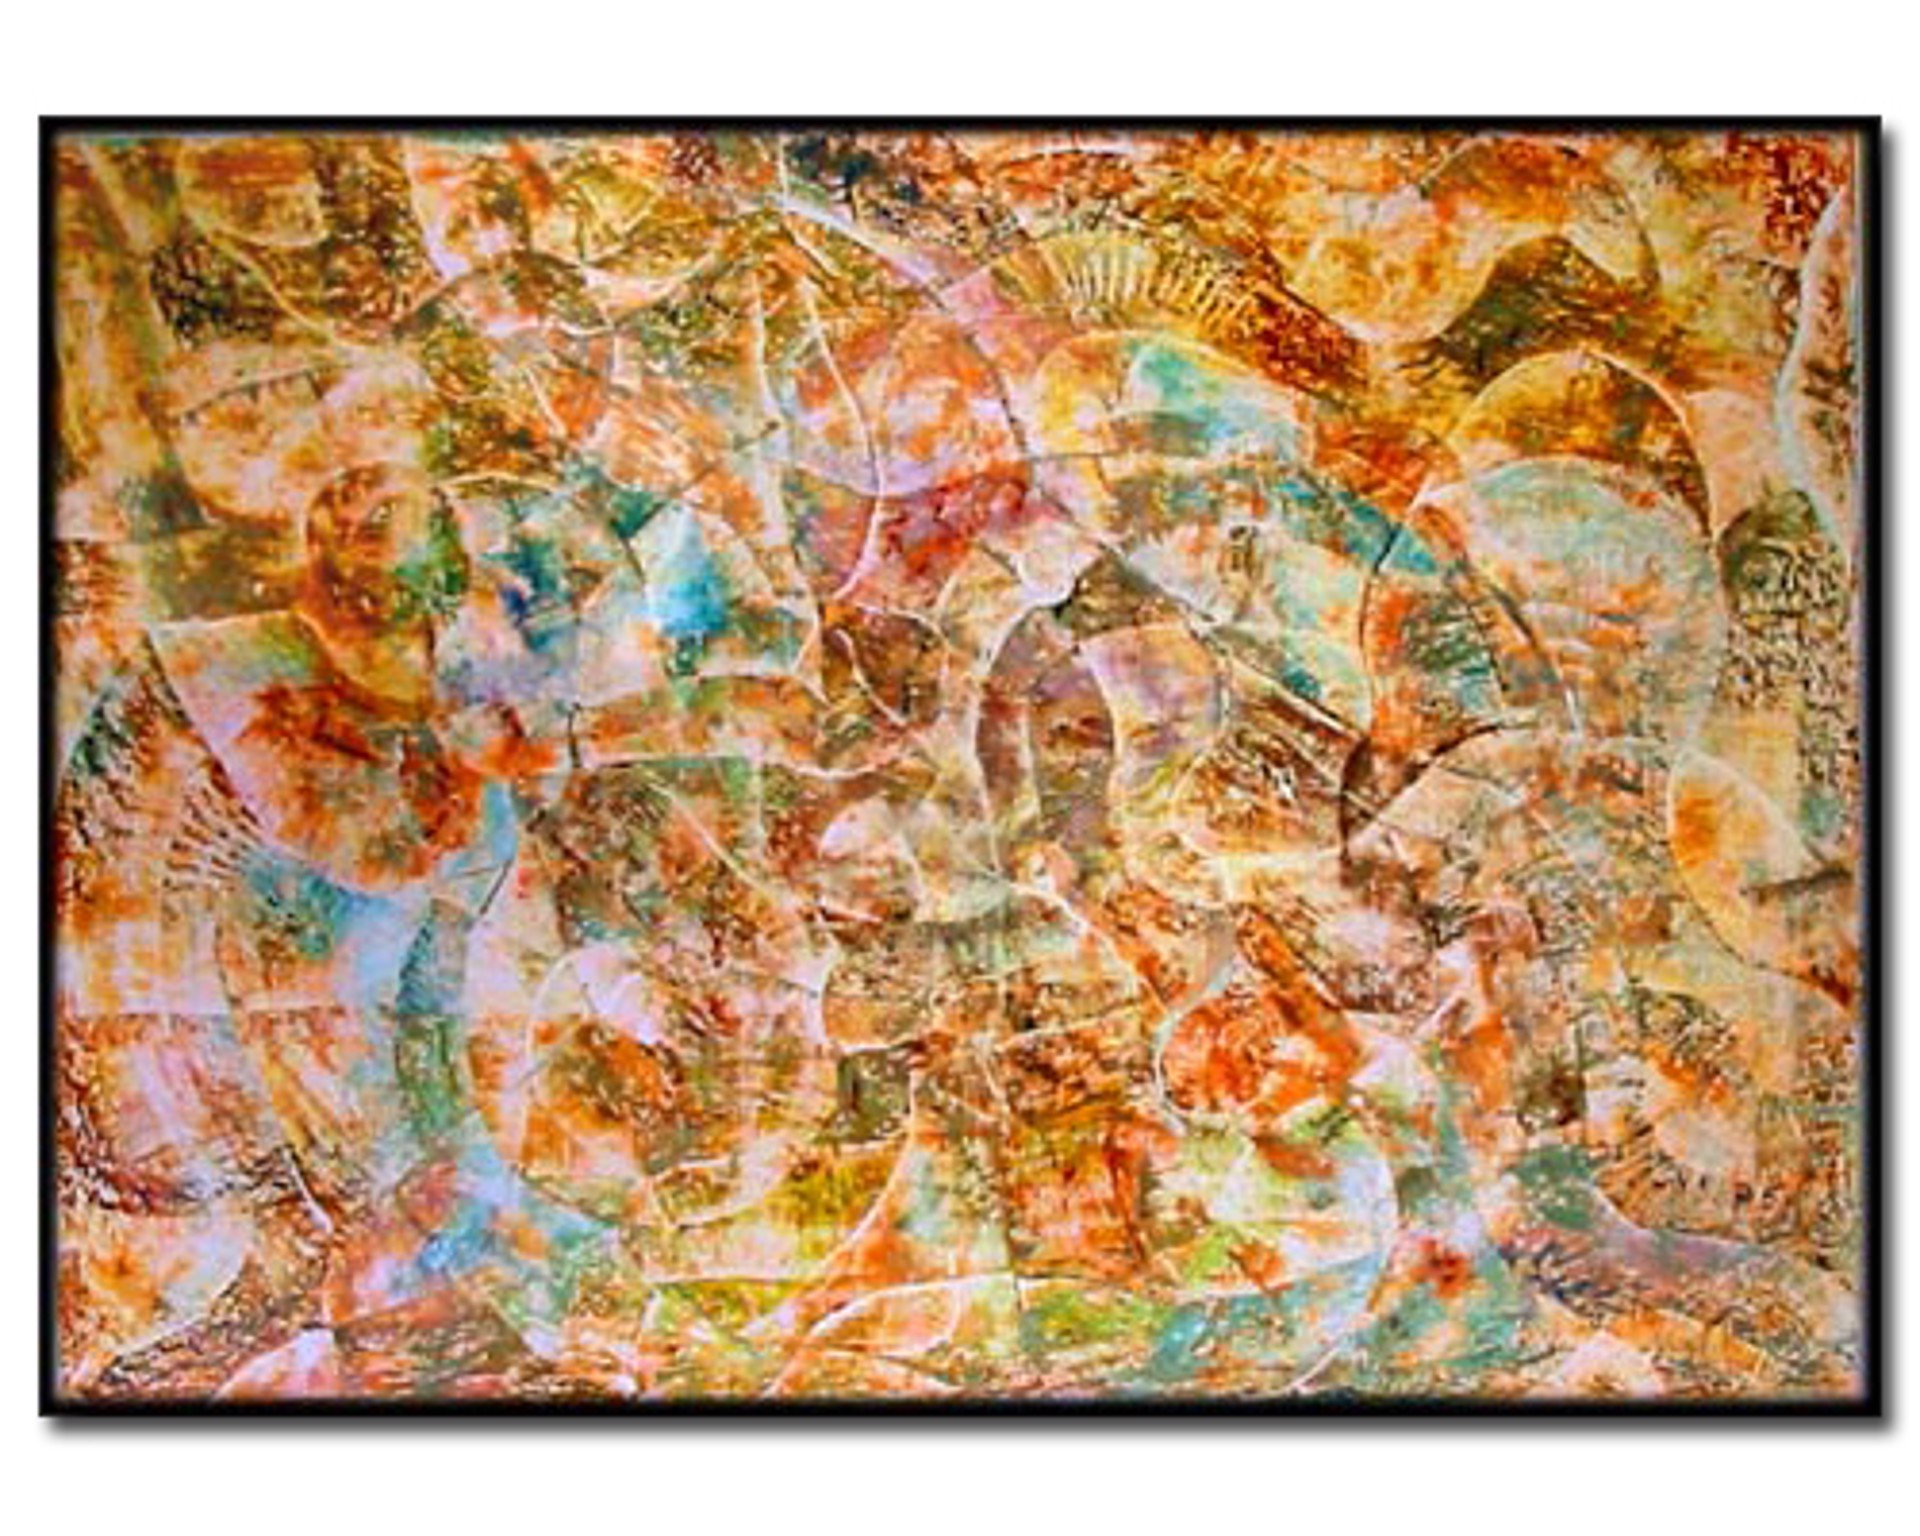 Quattrocento  by Adam Rupniewski (Yamhill, OR)